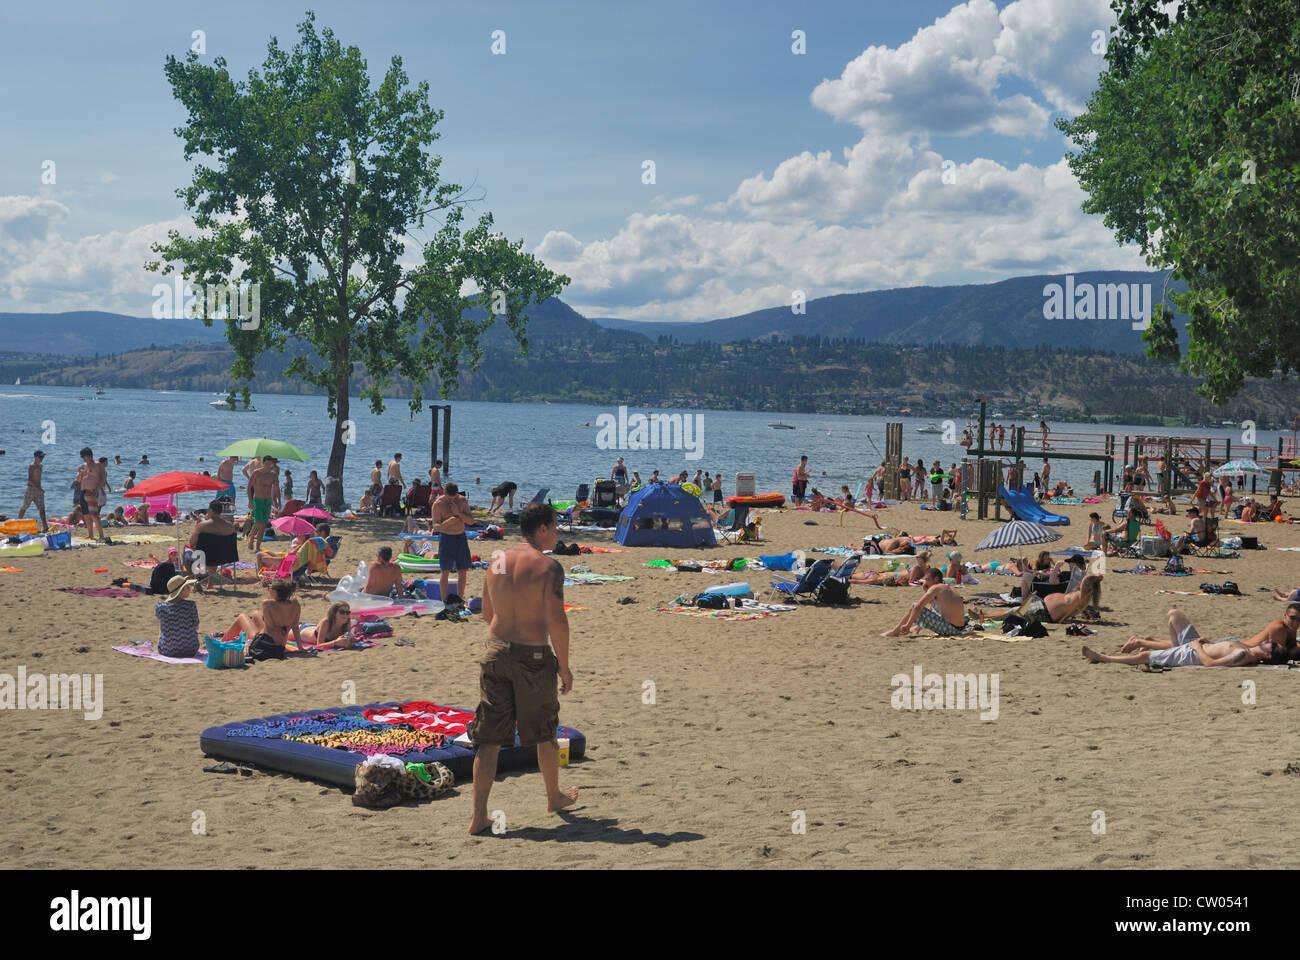 Les gens en train de bronzer sur la plage au lac Okanagan, à Kelowna, Colombie-Britannique Photo Stock